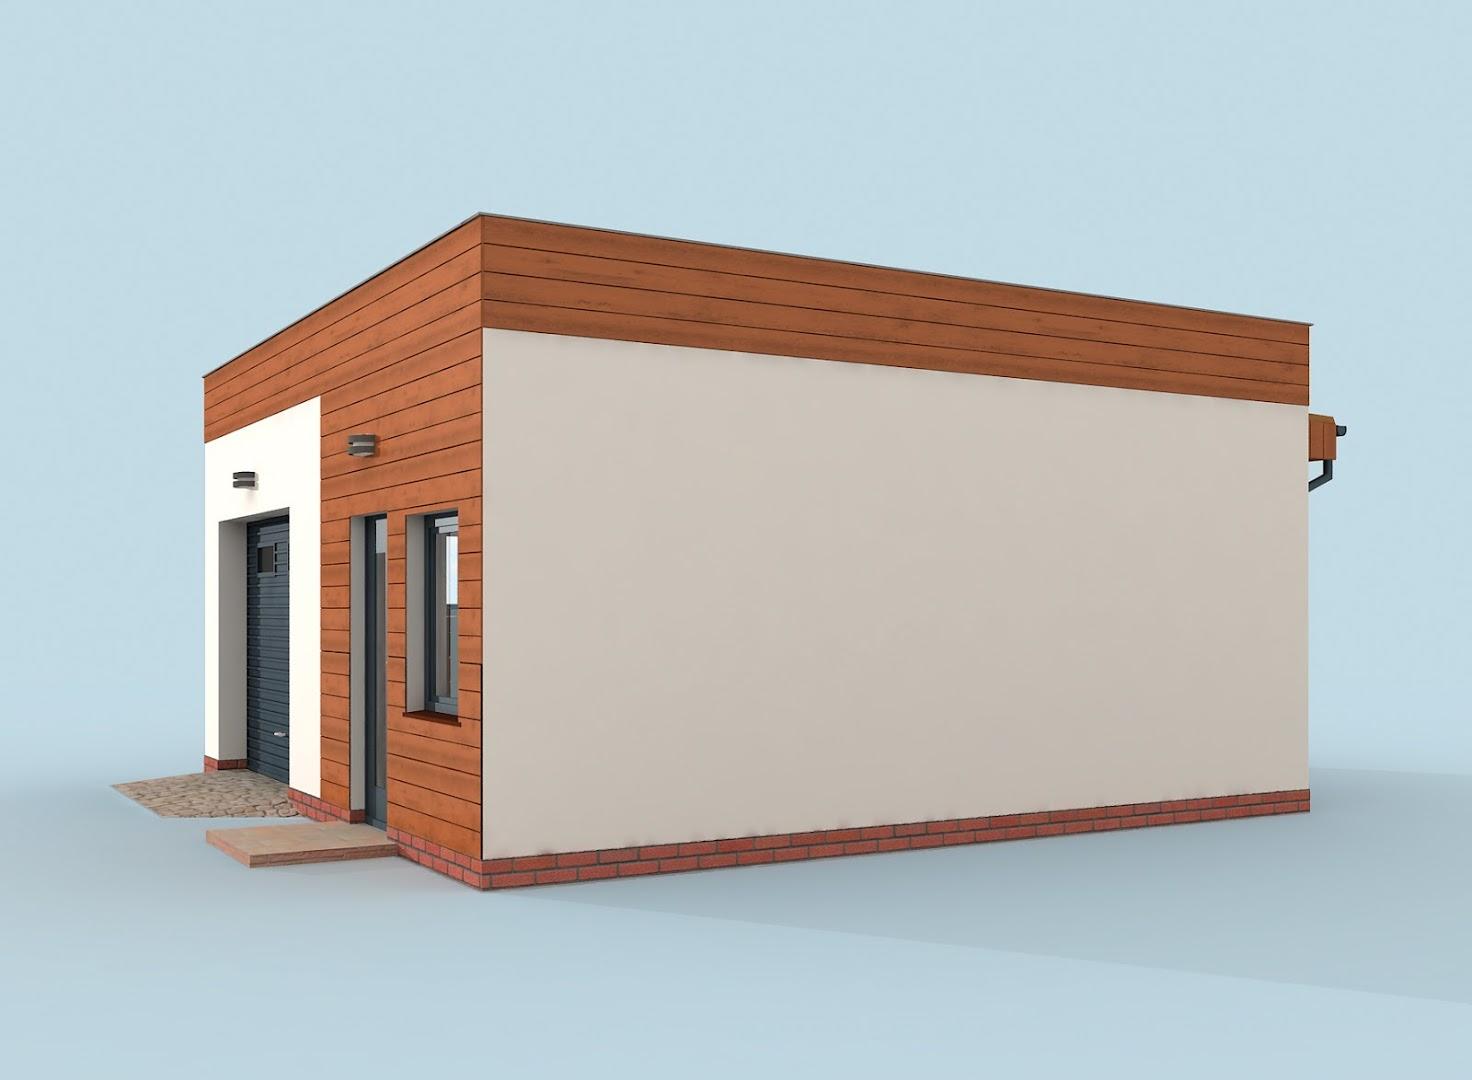 Projekt Garażu G308 Szkielet Drewniany Garaż Jednostanowiskowy Z